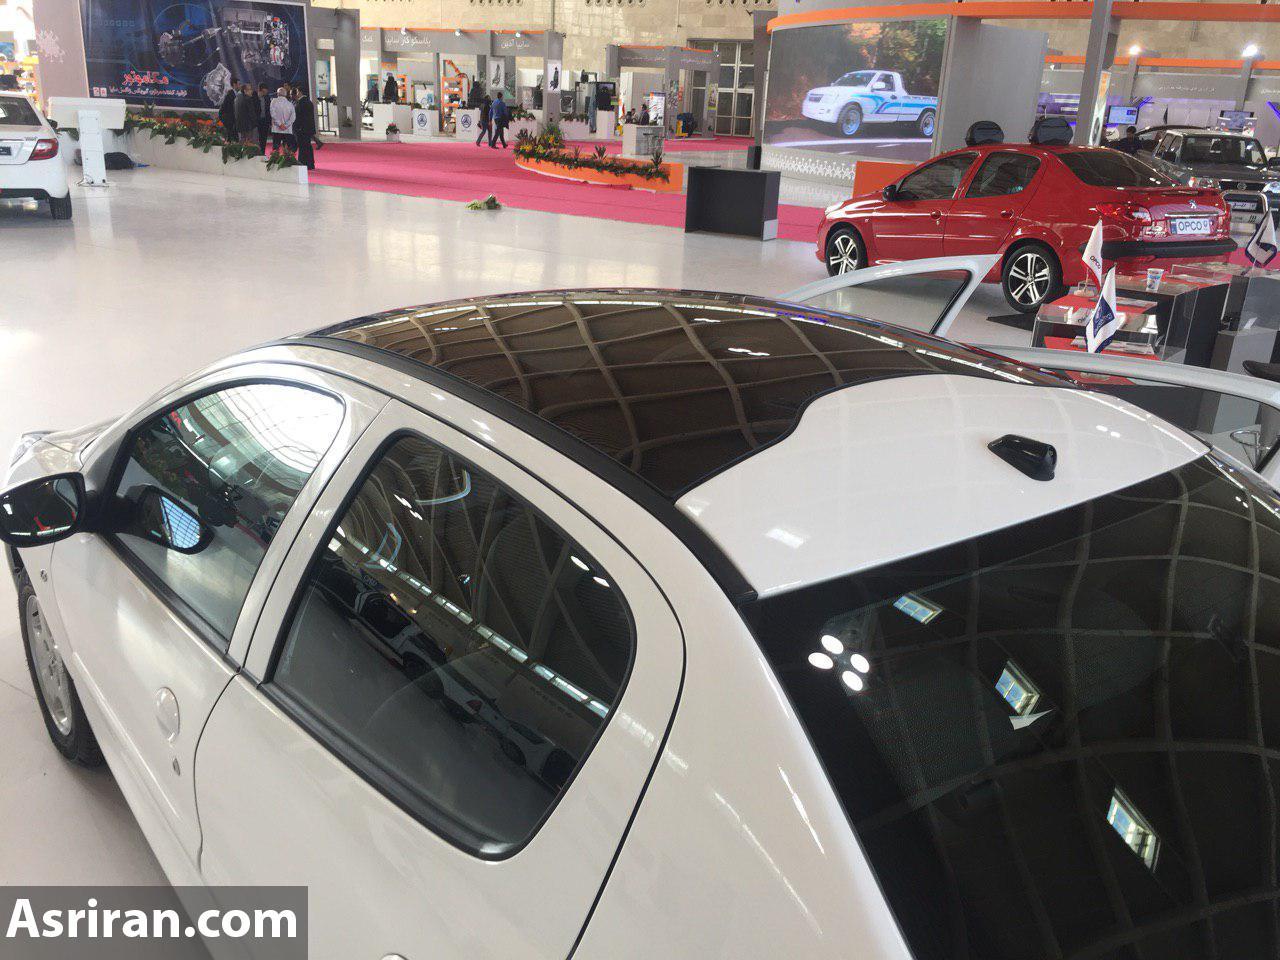 آغاز پیش فروش پژو ۲۰۷i  با سقف شیشه ای در 18 دی ماه 98 (+جدول و جزئیات)